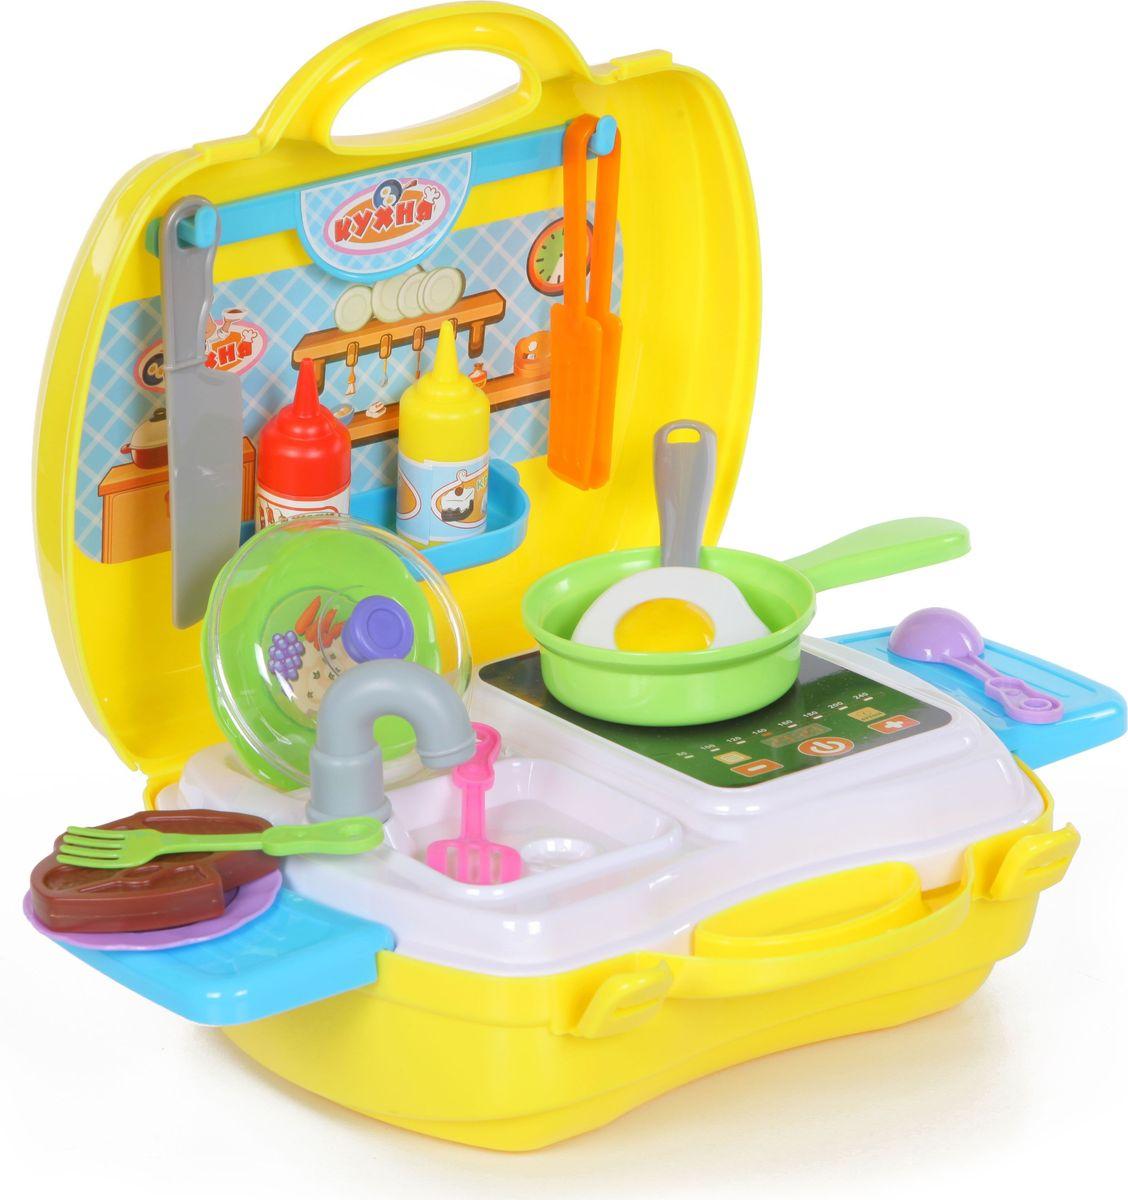 Yako Игровой набор Кухня 22 предмета в чемоданчике yako игровой набор гараж 4 уровня y3941870